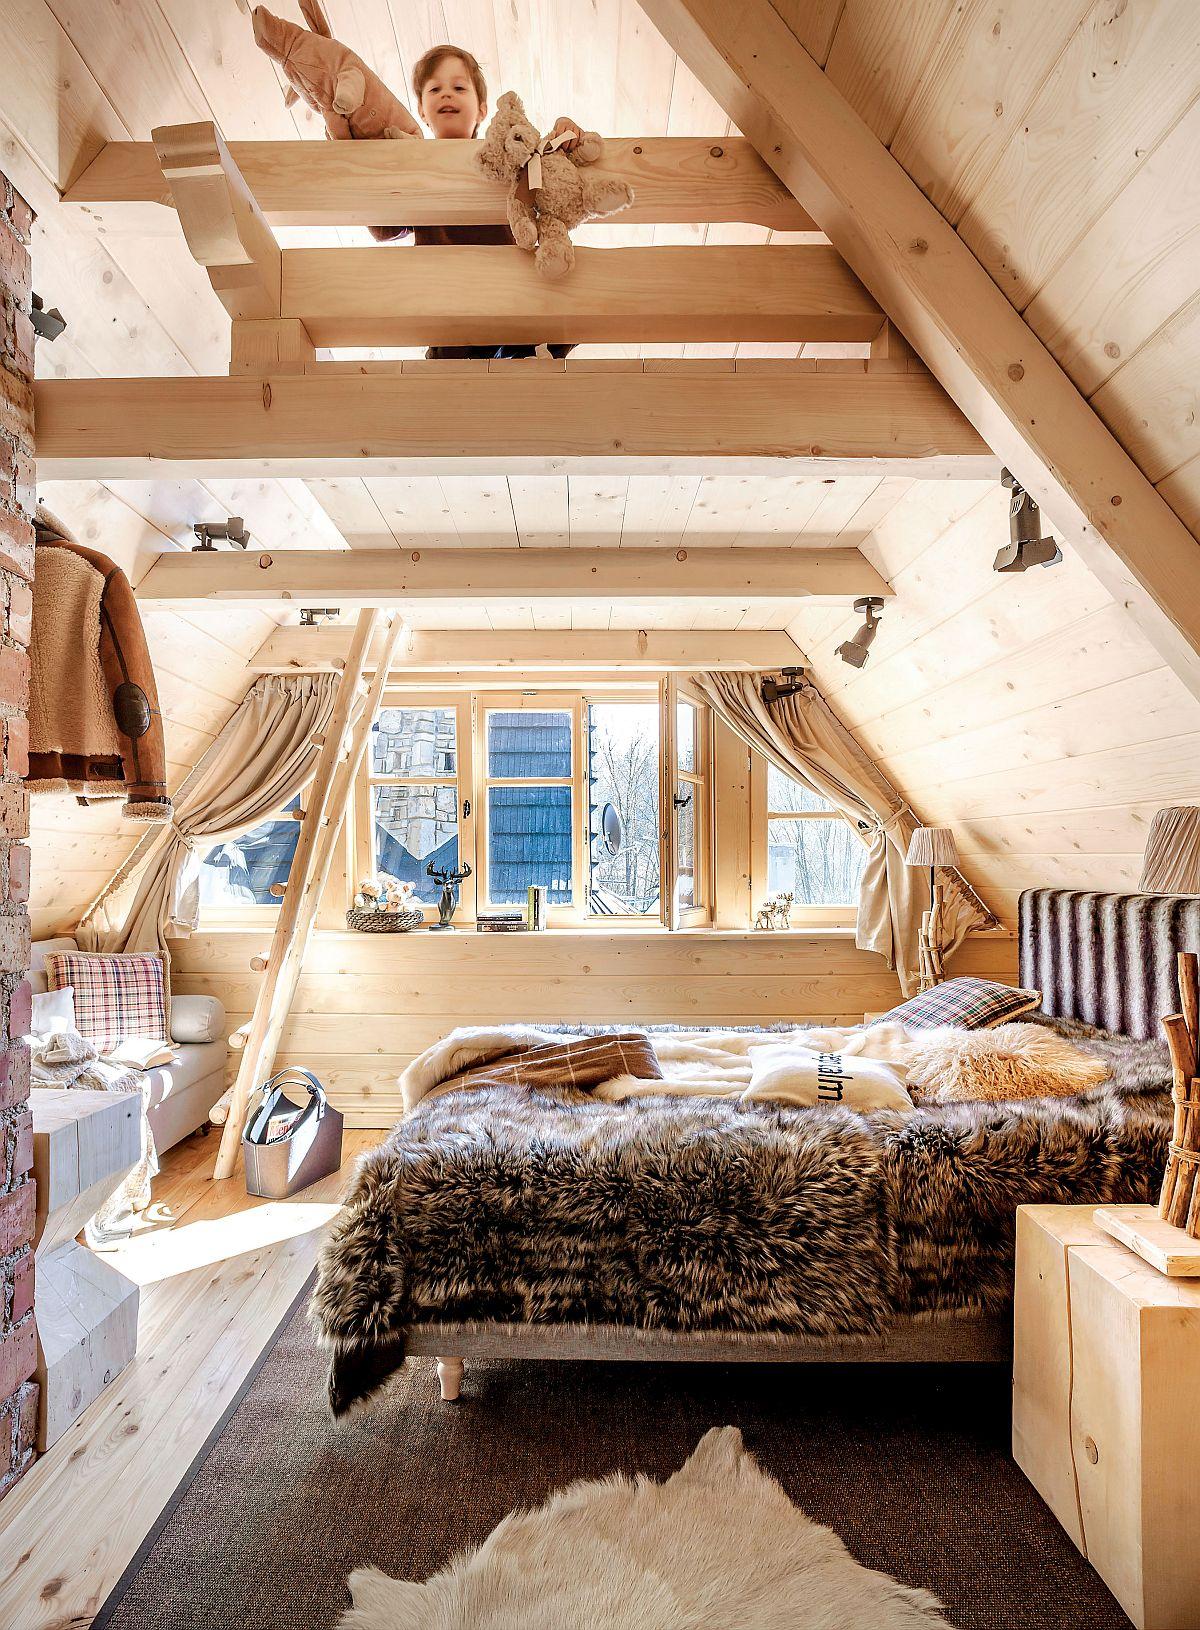 Sunt două dormitoare la etaj, pe lângă locul din mezanin, dar doar un dormitor beneficiază de propria baie. Însă dormitoarele sunt gînditepentru familii, așa că acolo unde nu te șatepți, sub panta acoperișului mai există un loc de pat.